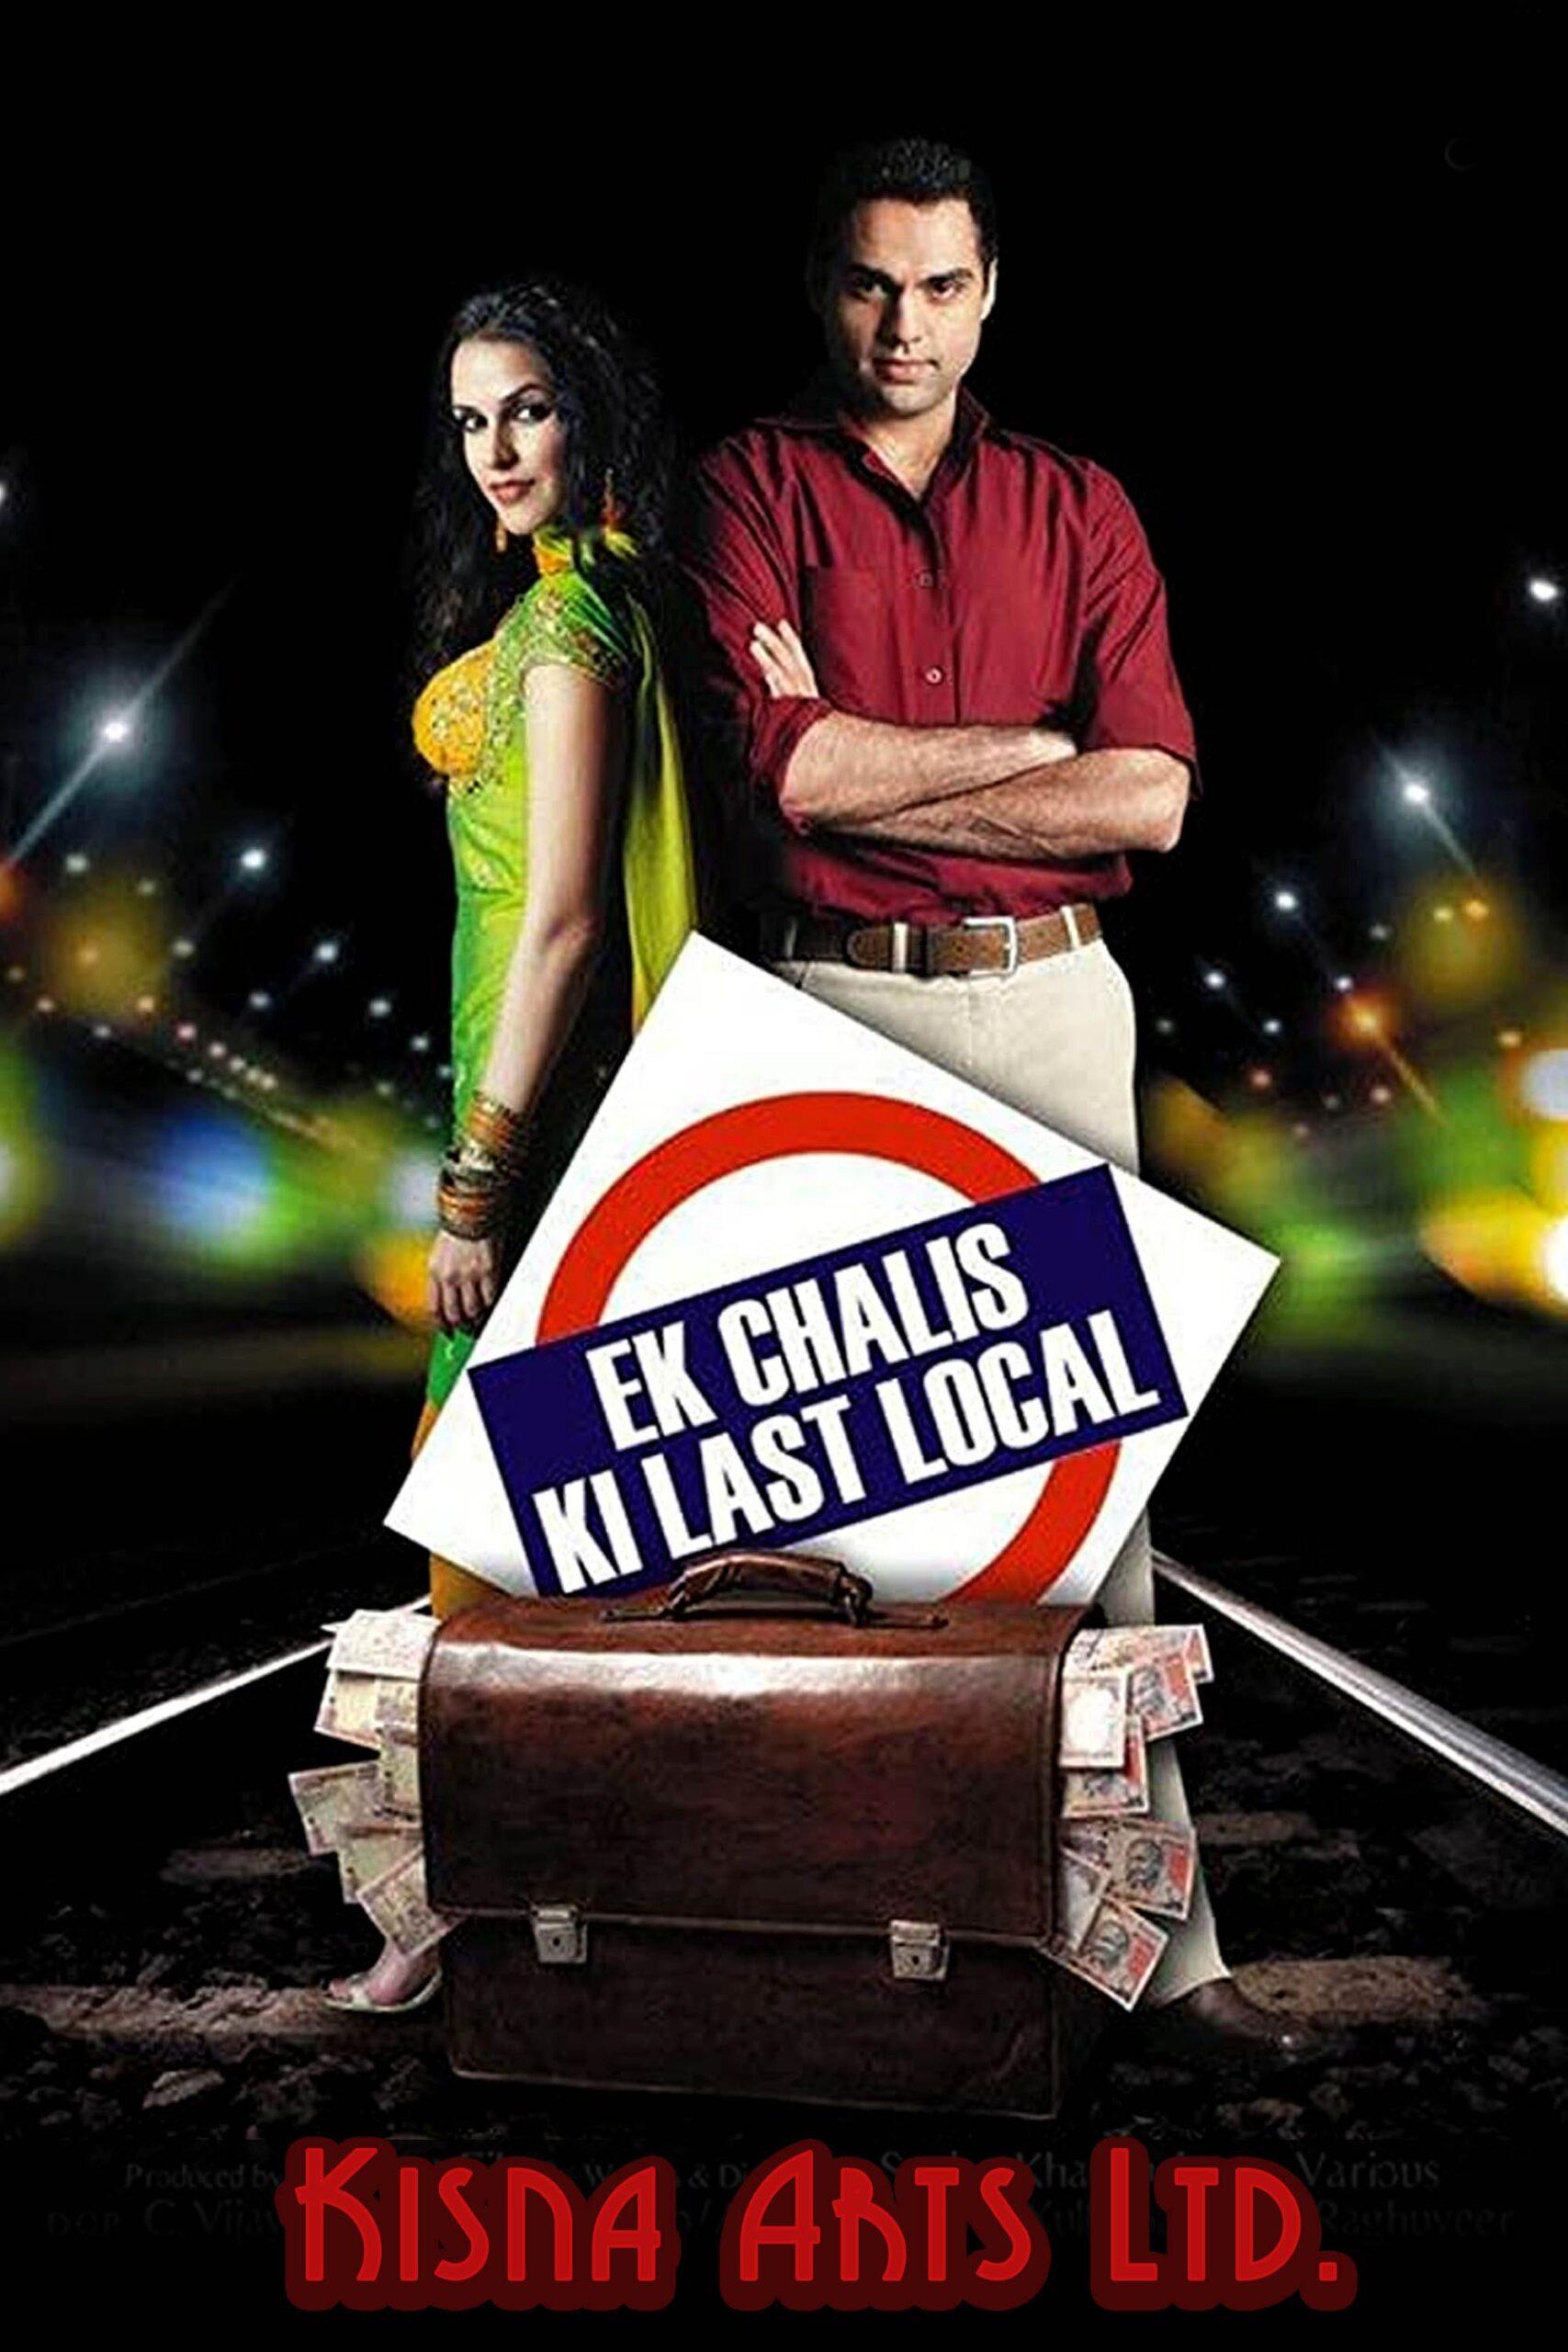 Ek Chalis Ki Last Local Movie Streaming Online Watch on Disney Plus Hotstar